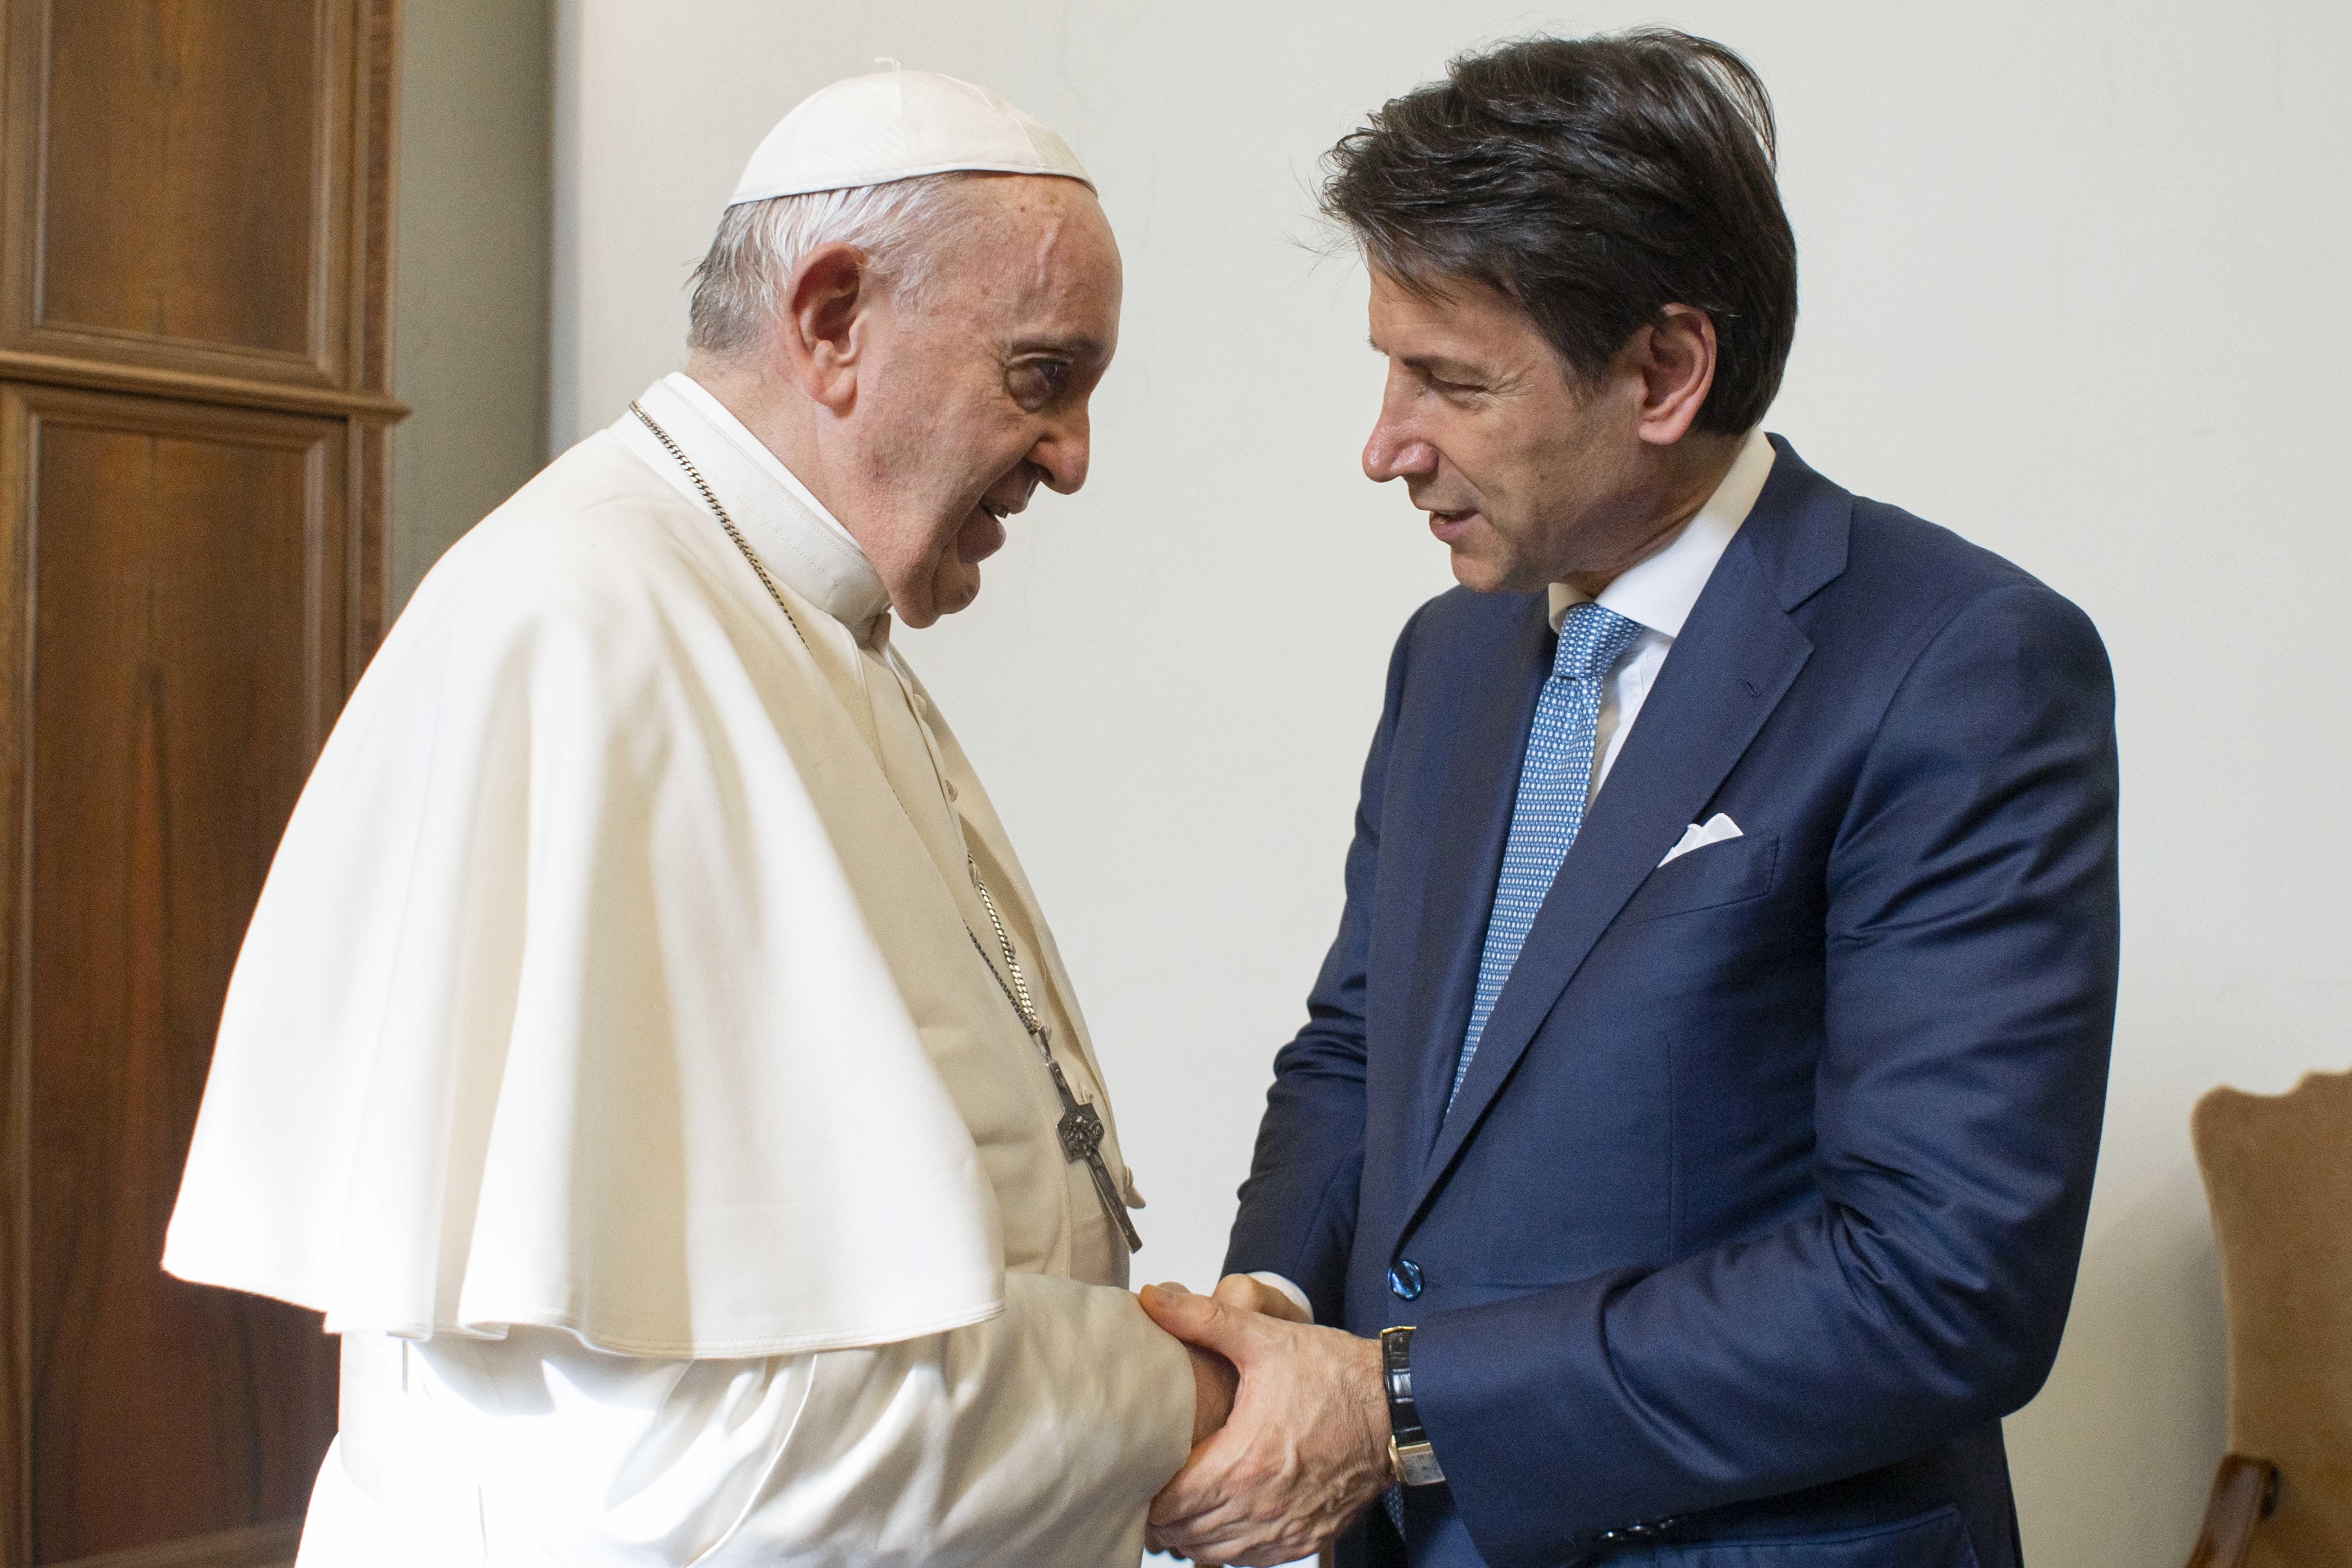 El Papa saluda a Giuseppe Conte © Vatican Media